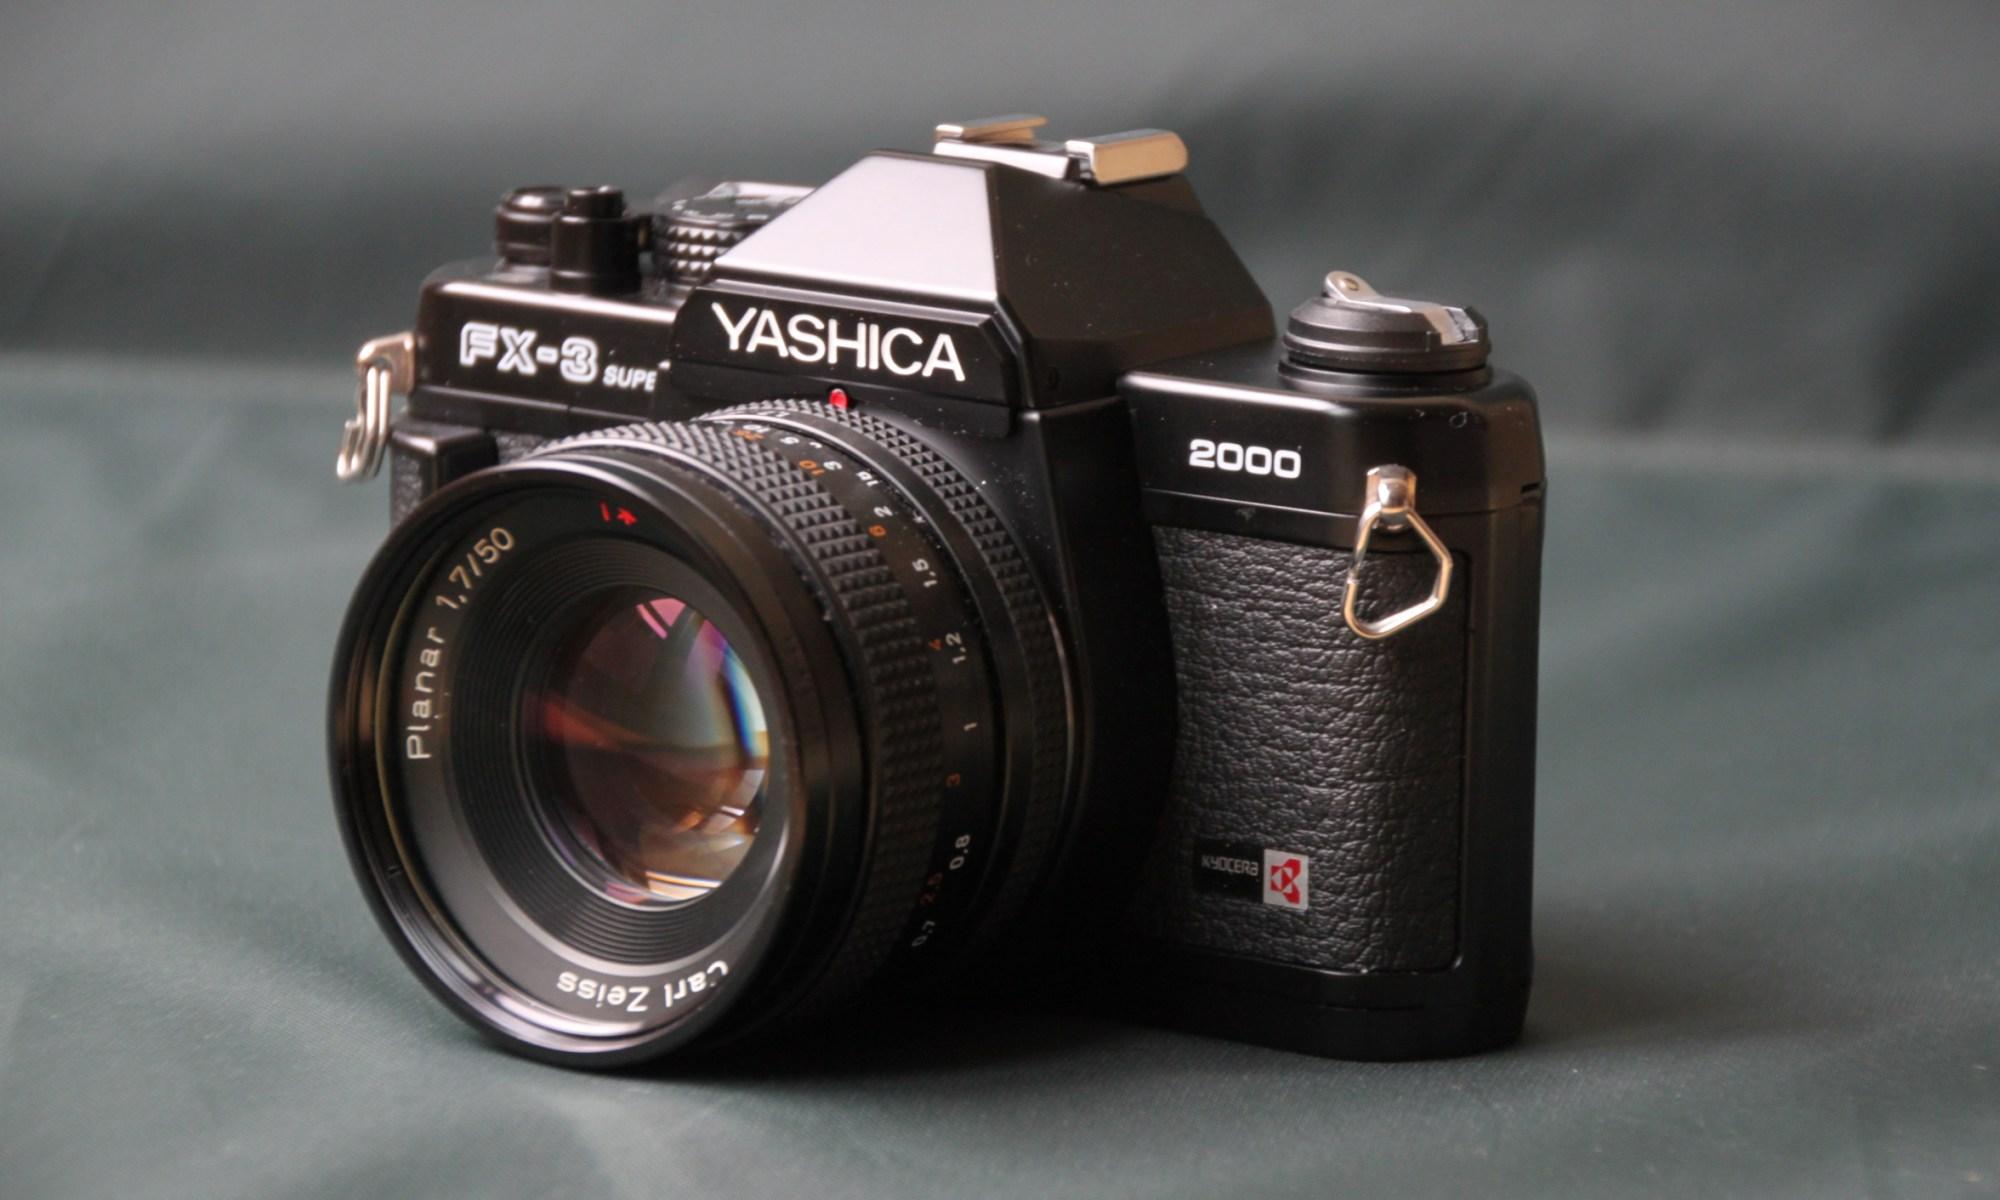 京セラ, ヤシカ, FX-3, FX-3 Super 2000, カールツァイス, kyocera, yashica, FX-3, FX-3 Super 2000, Carl Zeiss, Carl Zeiss Lens, Planar, プラナー,